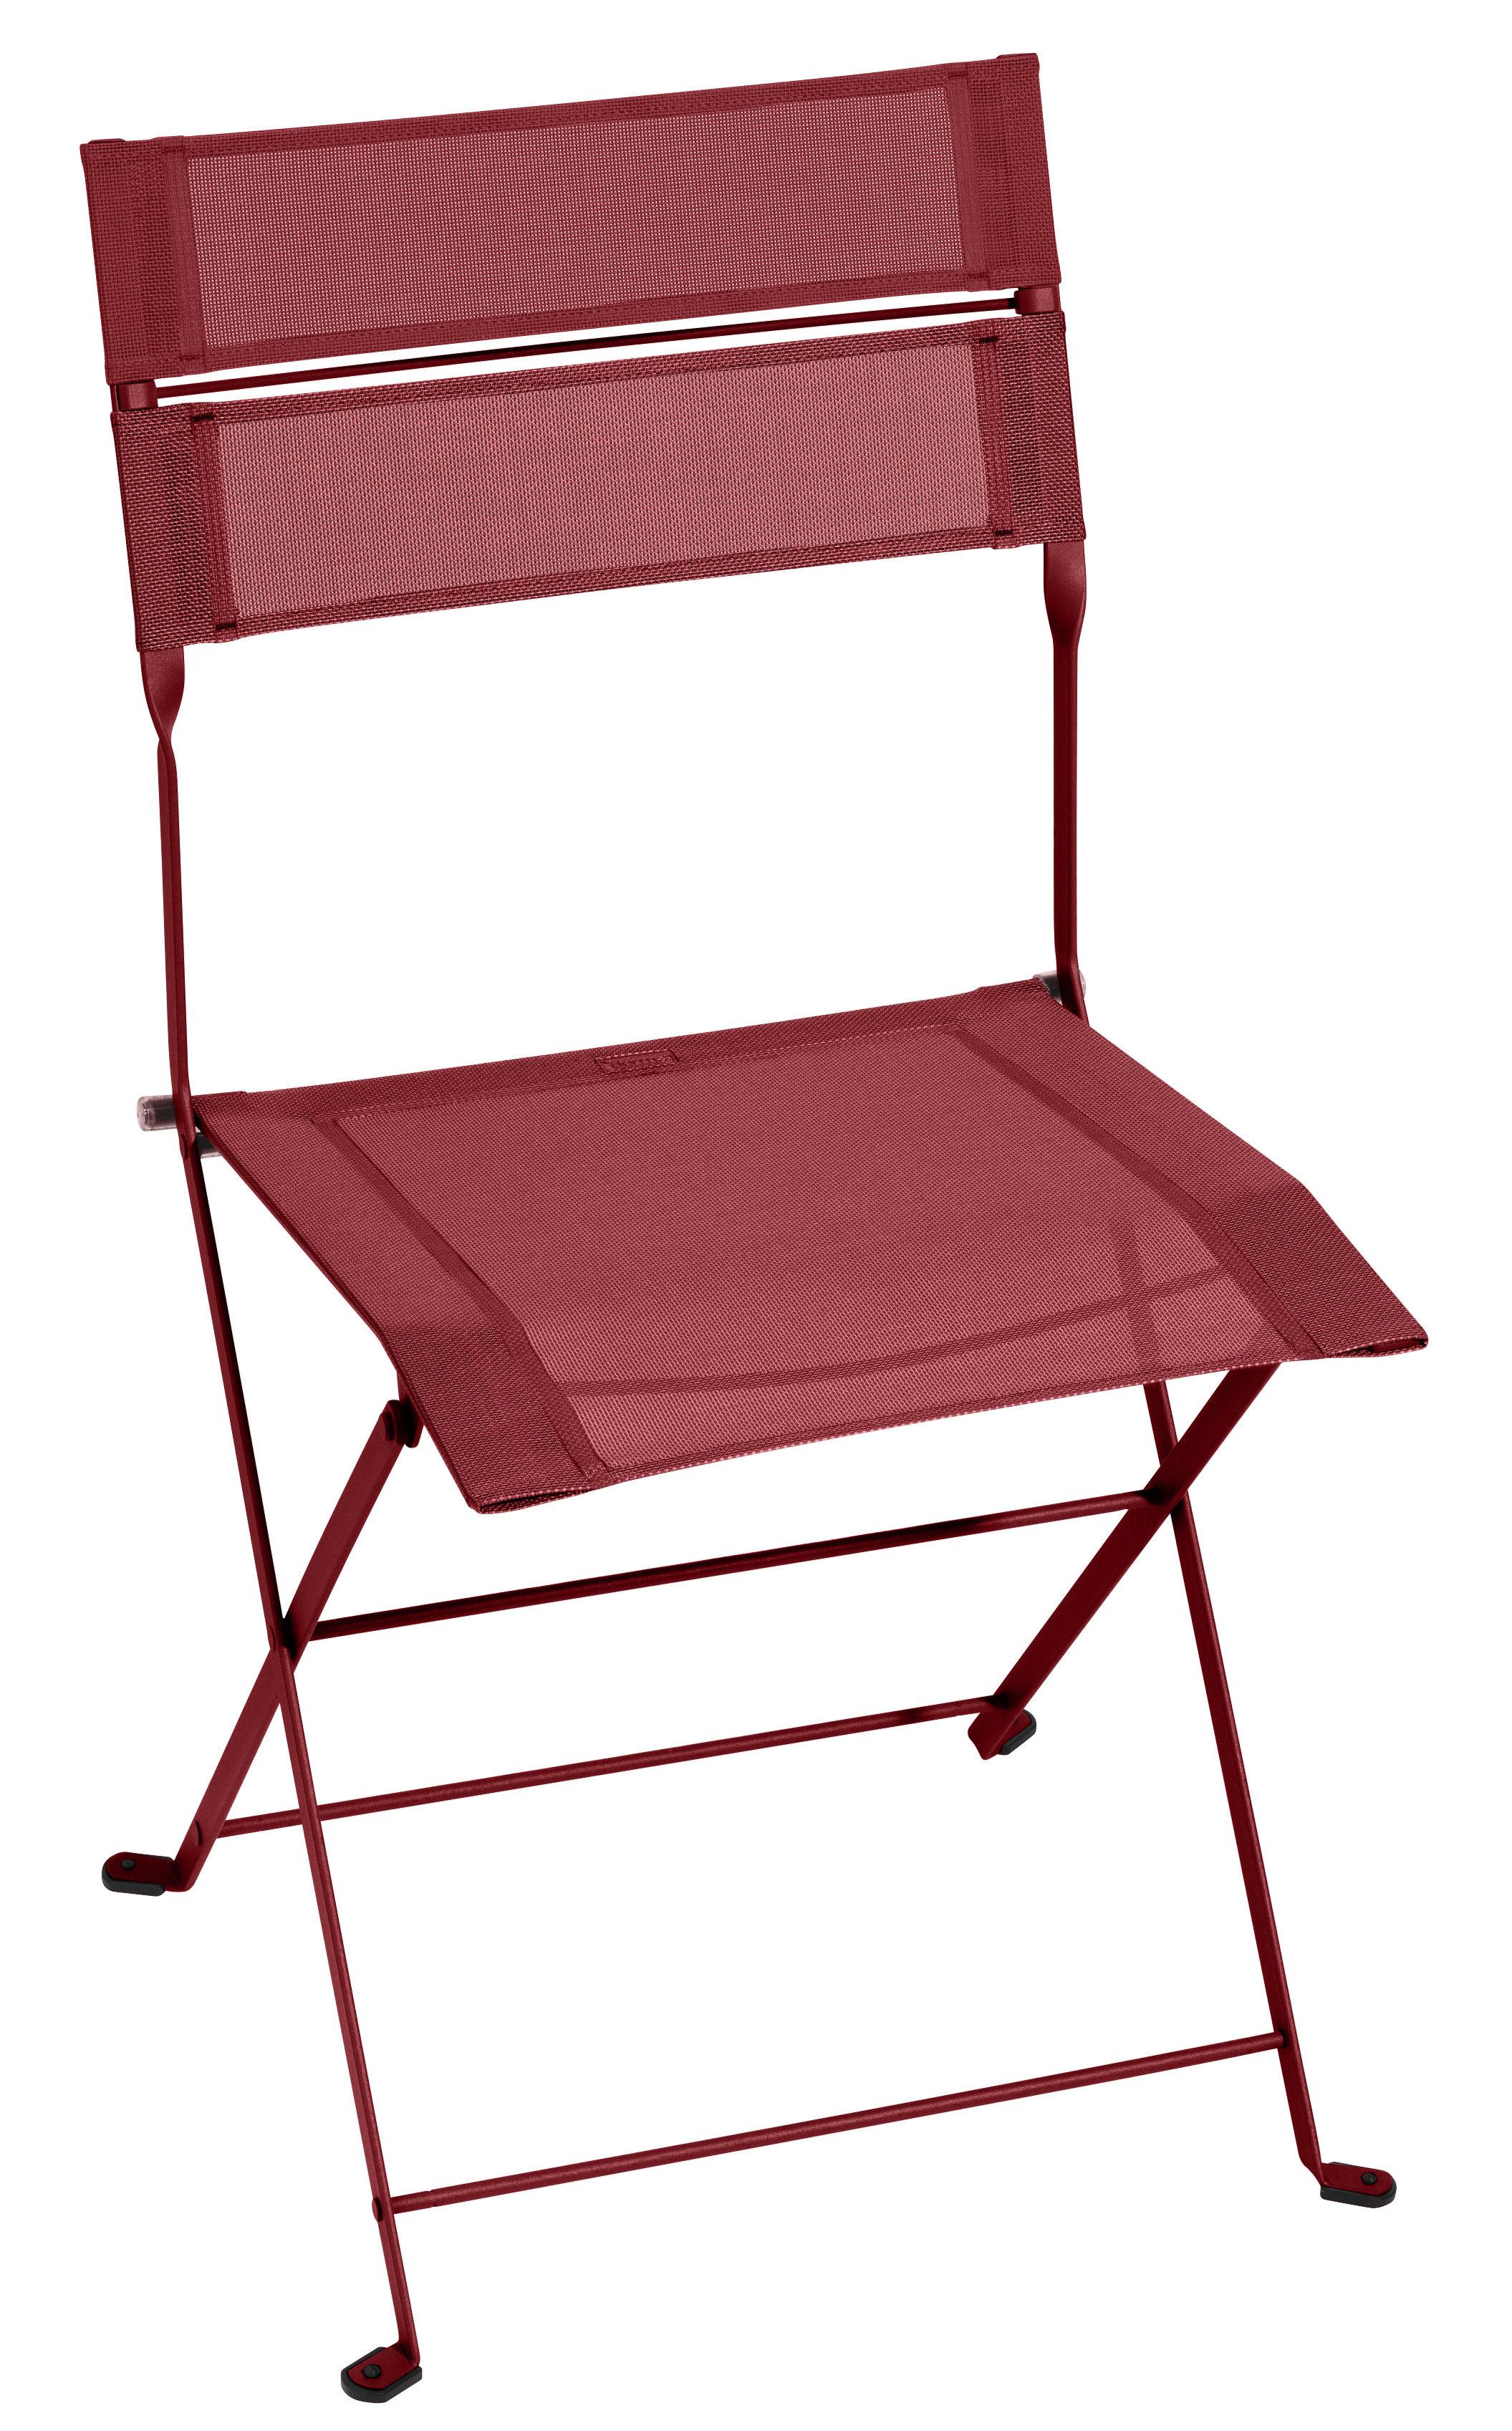 Mobilier - Chaises, fauteuils de salle à manger - Chaise pliante Latitude / Toile - Fermob - Piment - Acier laqué, Toile polyester